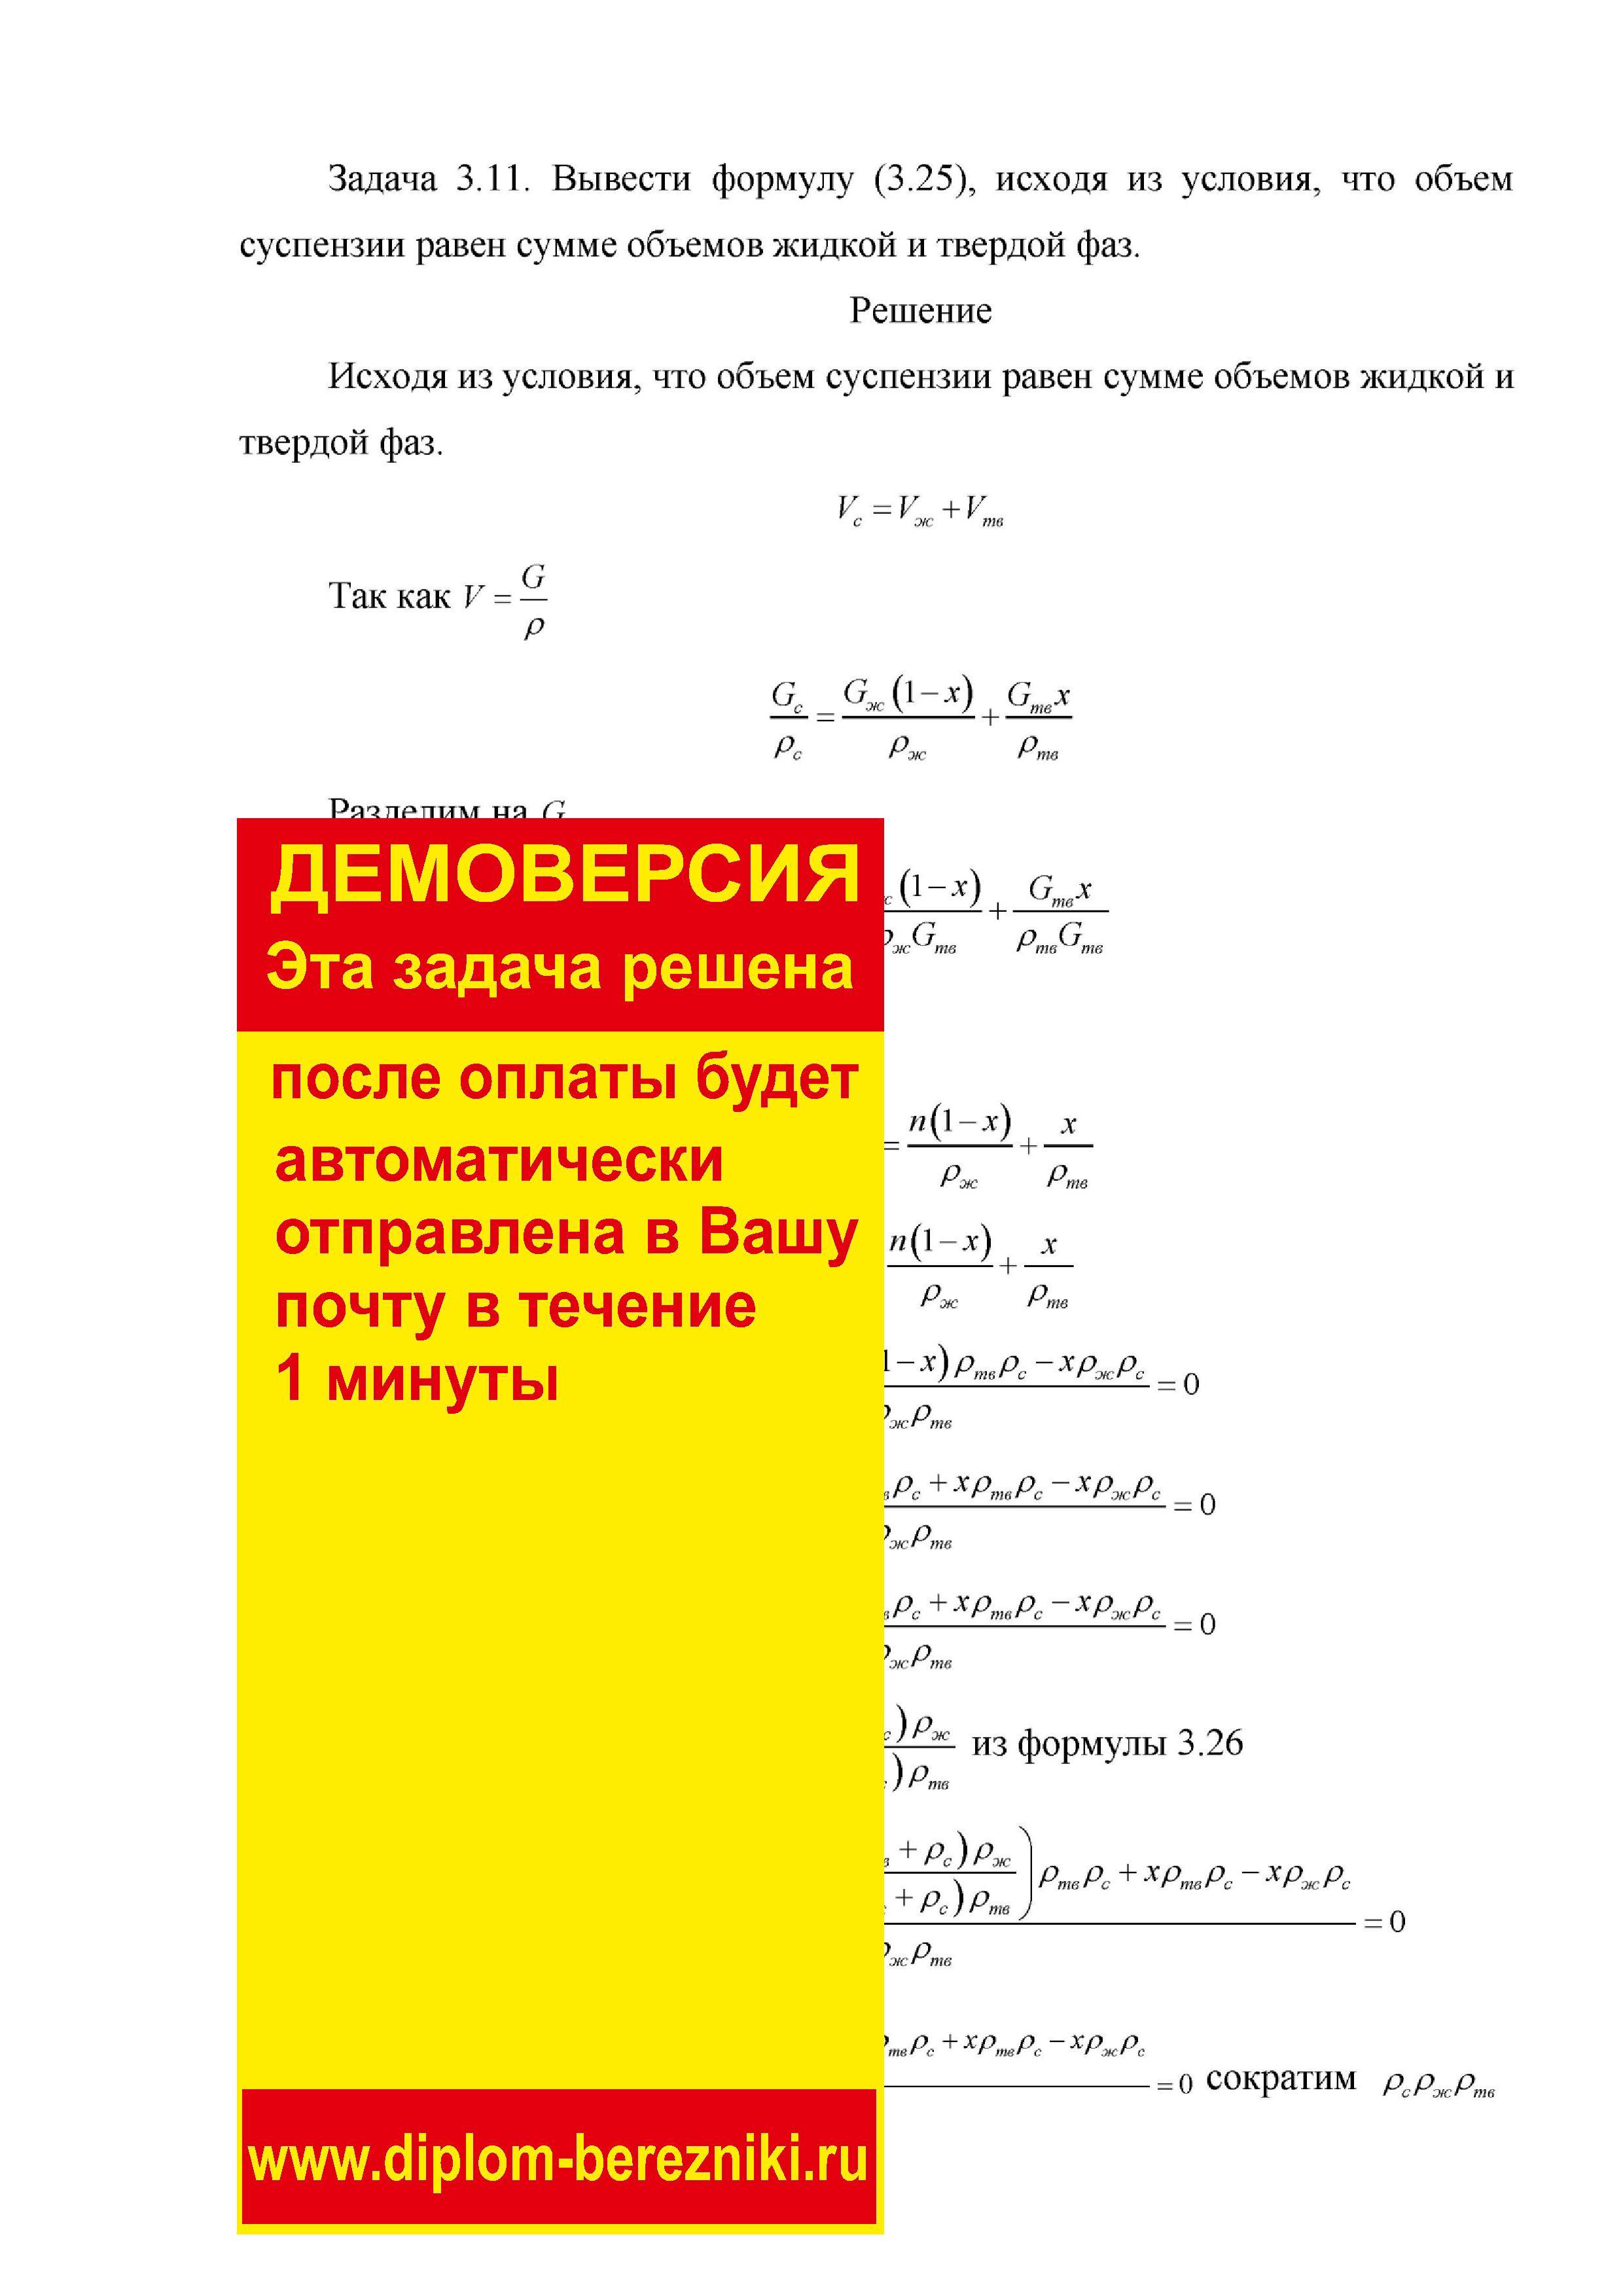 Решение задачи 3.11 по ПАХТ из задачника Павлова Романкова Носкова